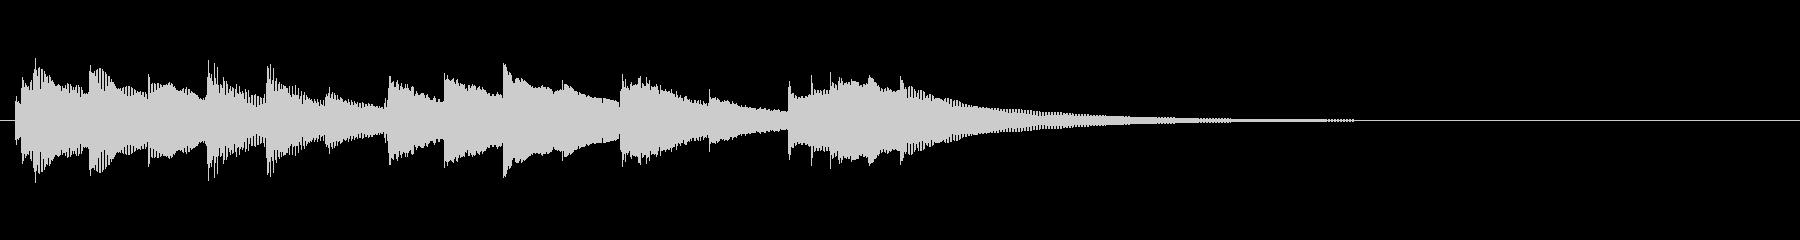 発車メロディー風オルゴールジングルの未再生の波形